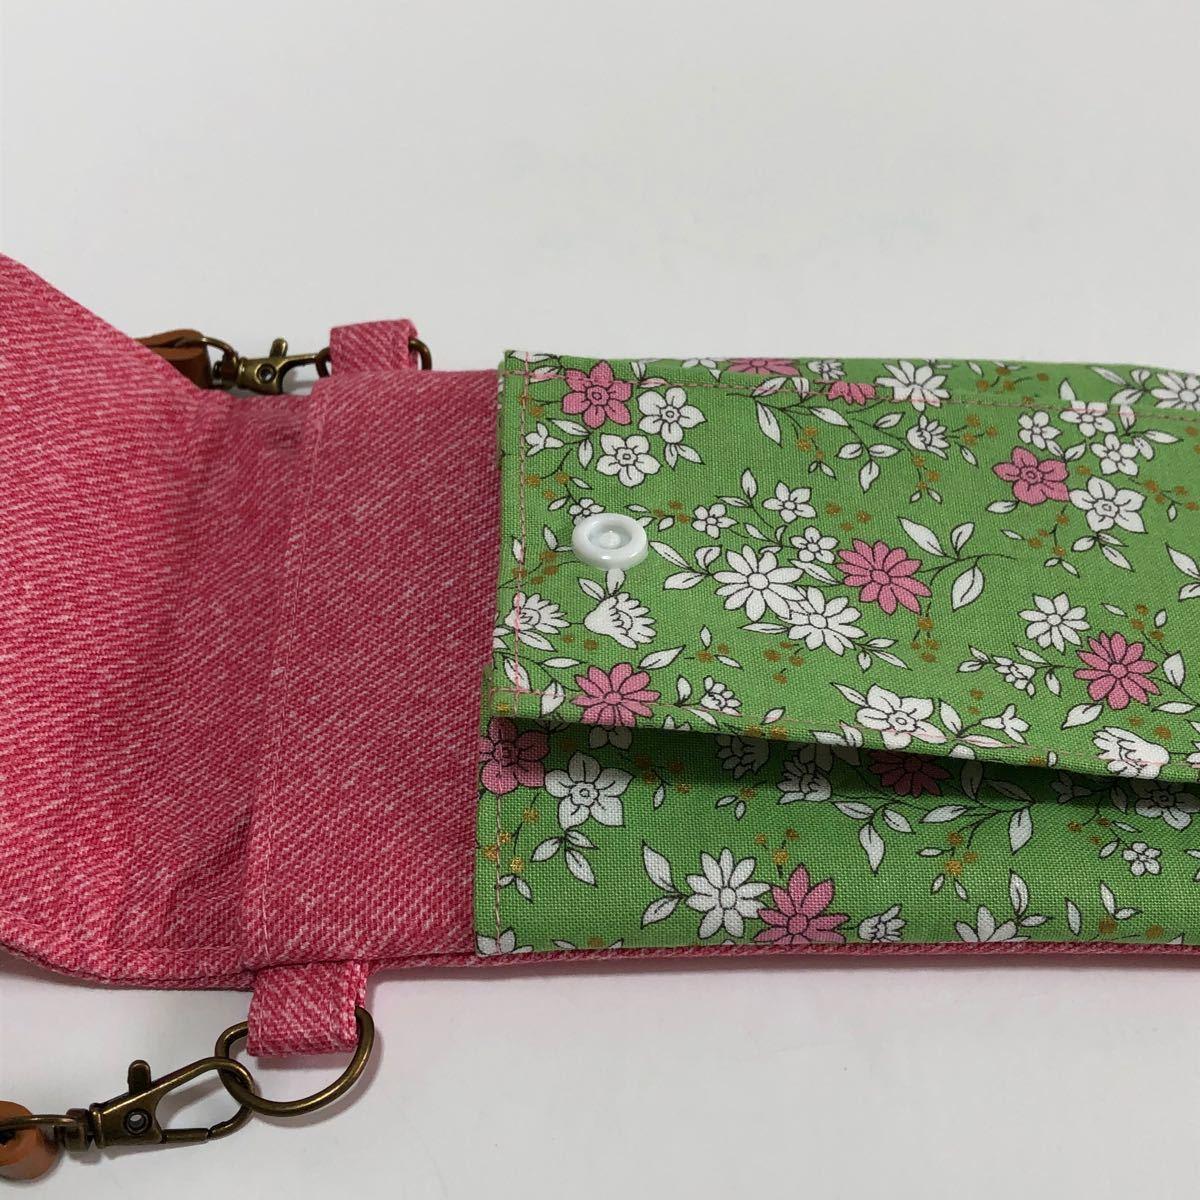 ハンドメイド スマホポーチ 花柄ピンク